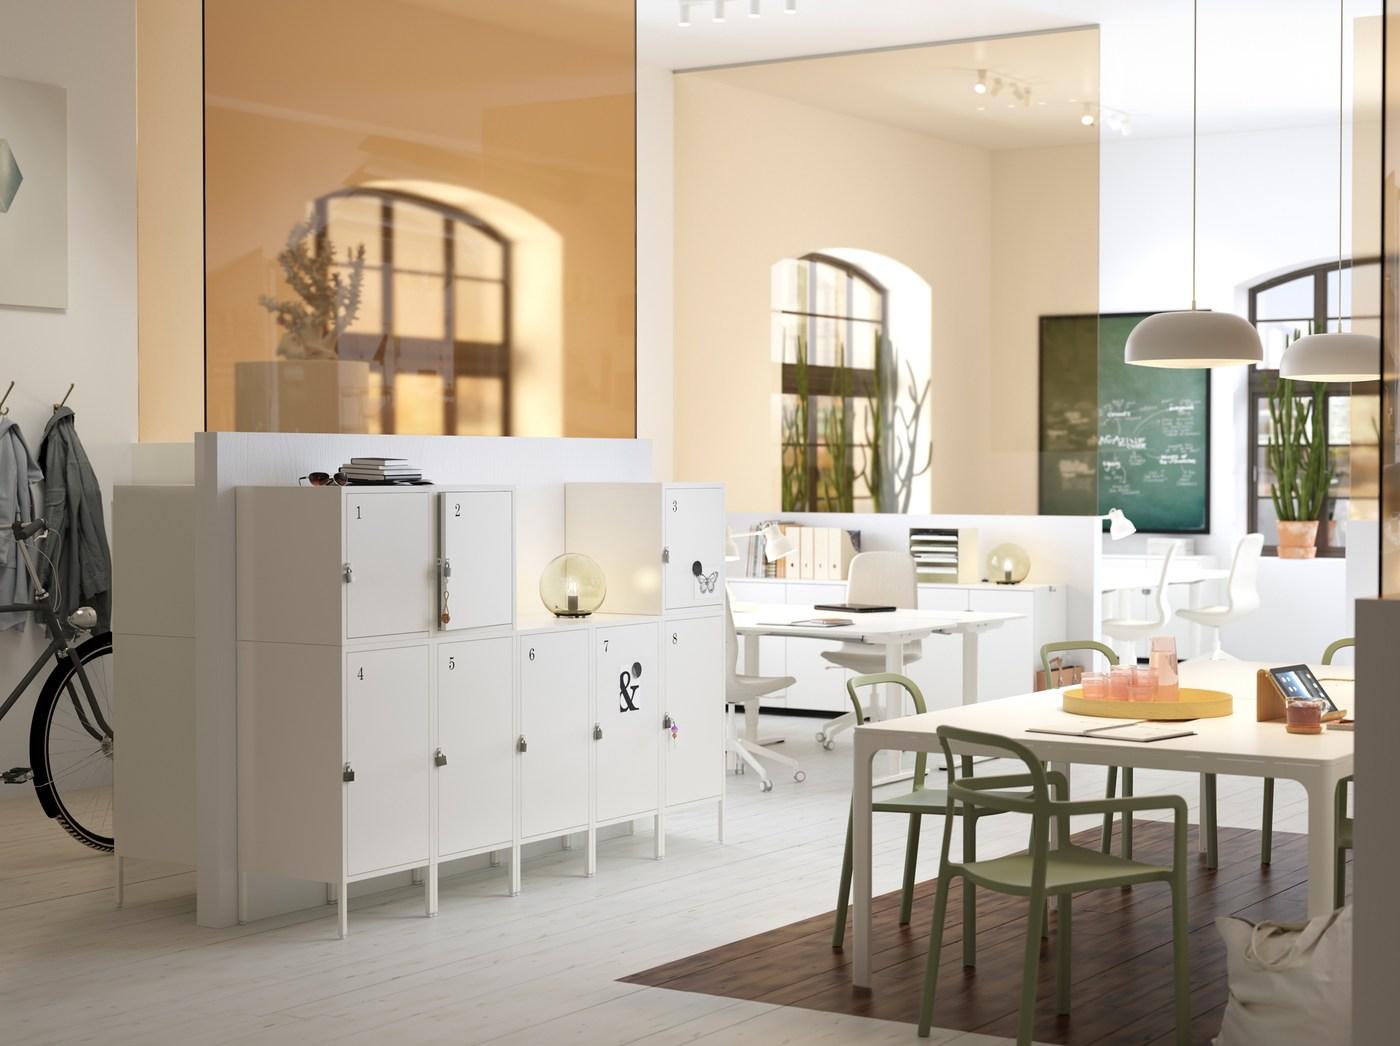 مساحة عمل مكتبية متوسطة الحجم باللون الأبيض والبيج بها خزائن عملية وقابلة للغلق بلون أبيض HÄLLAN من ايكيا.